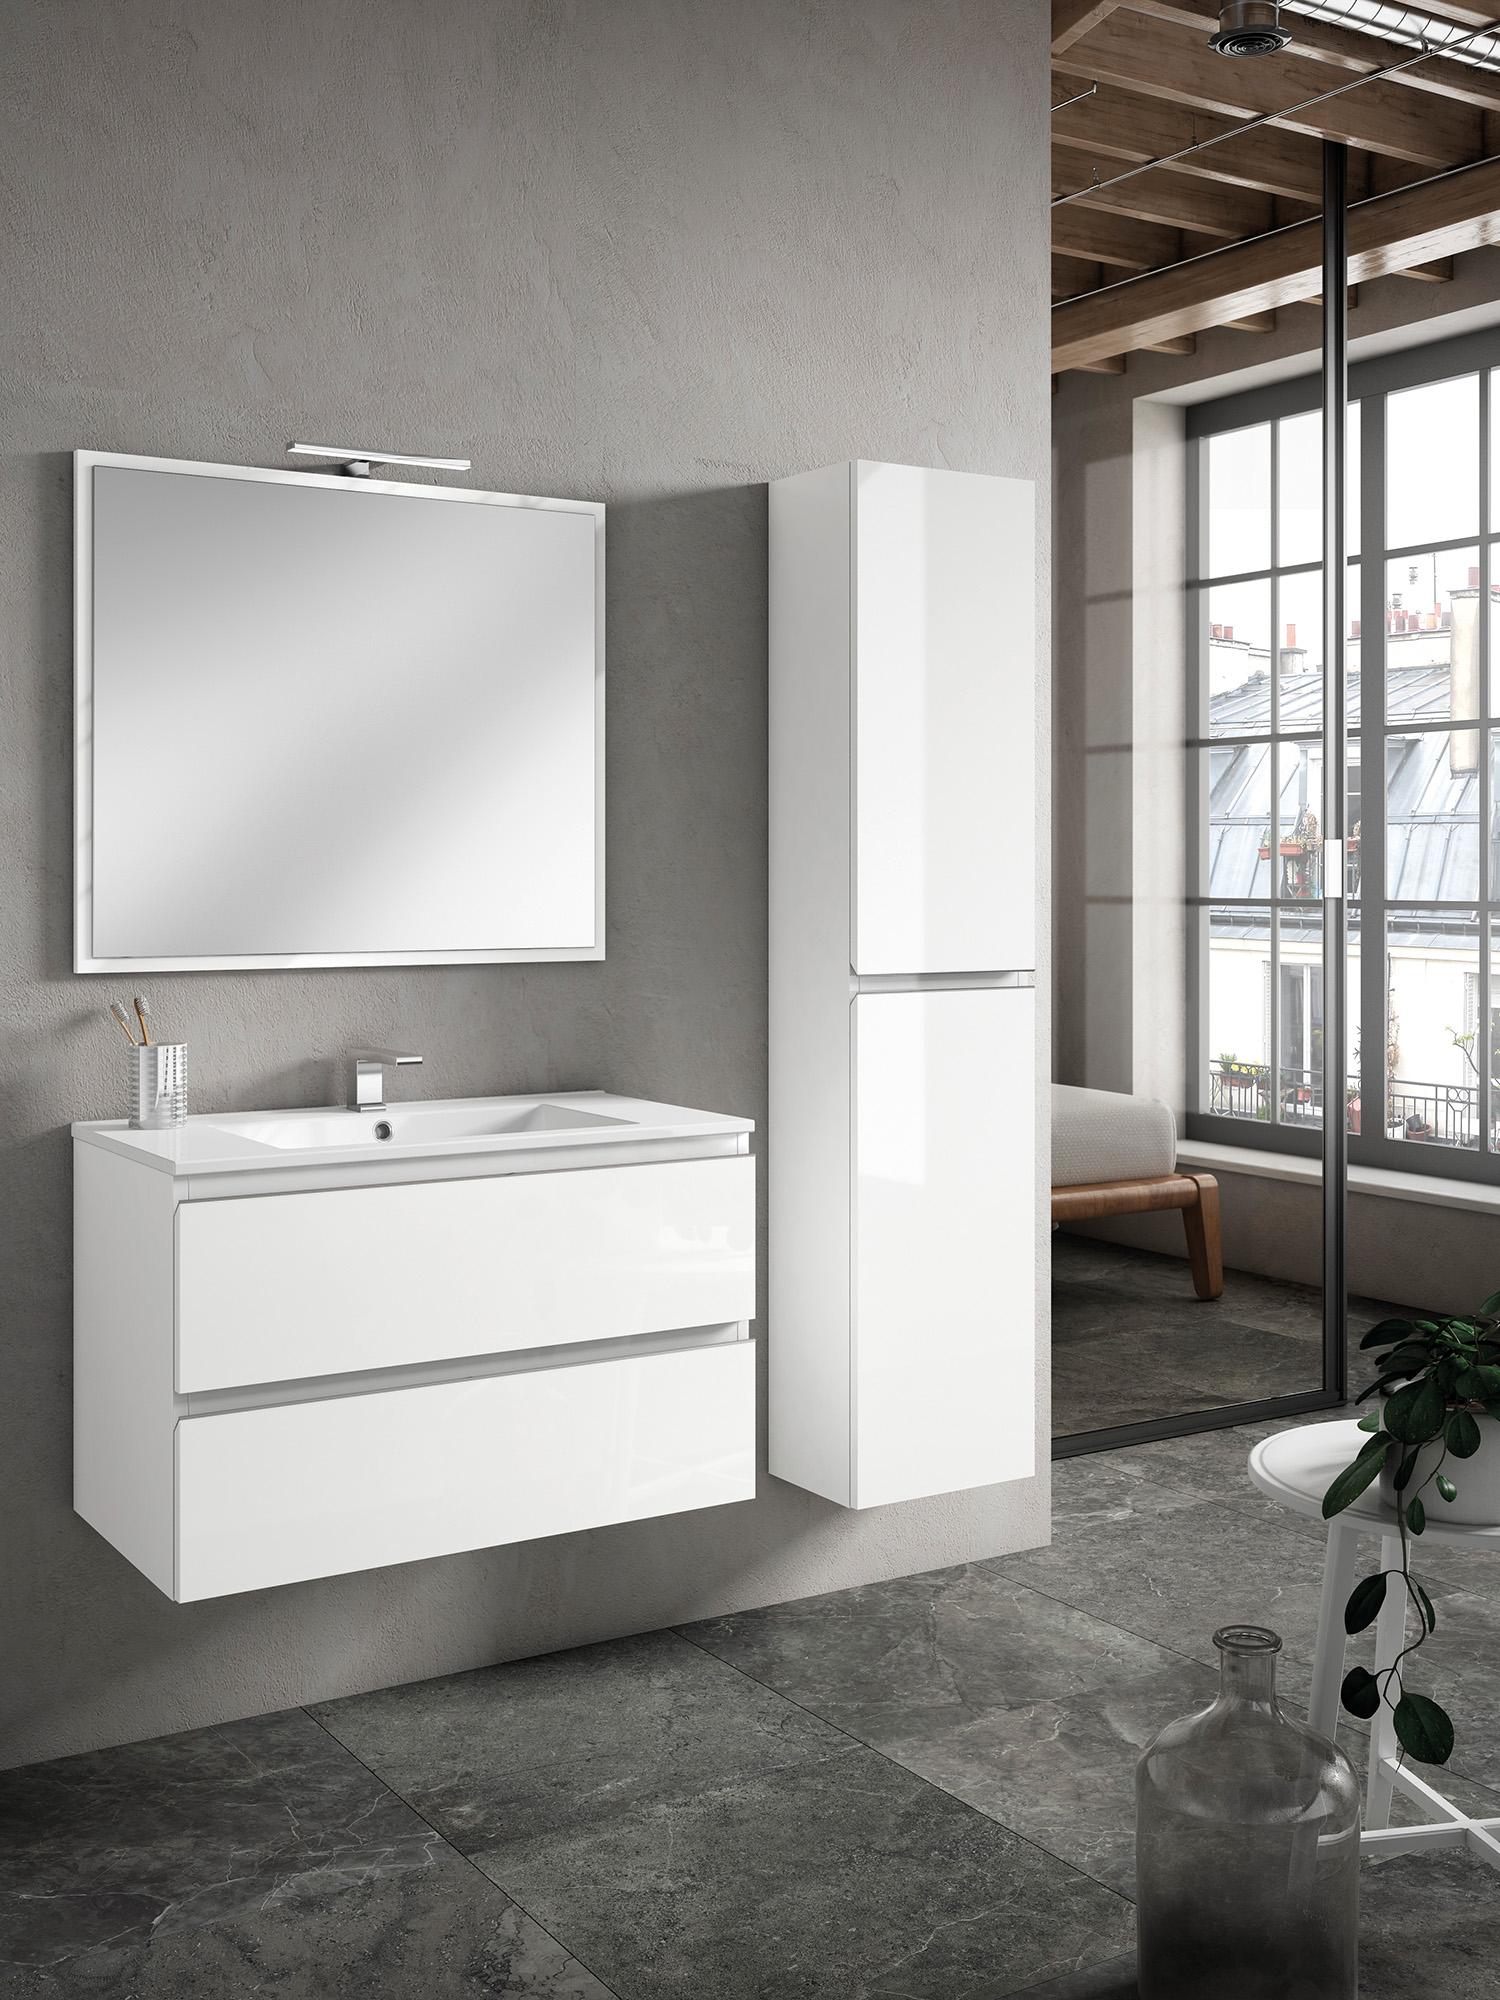 Mueble de baño MODELO ZENIA 2 cajones en color BLANCO